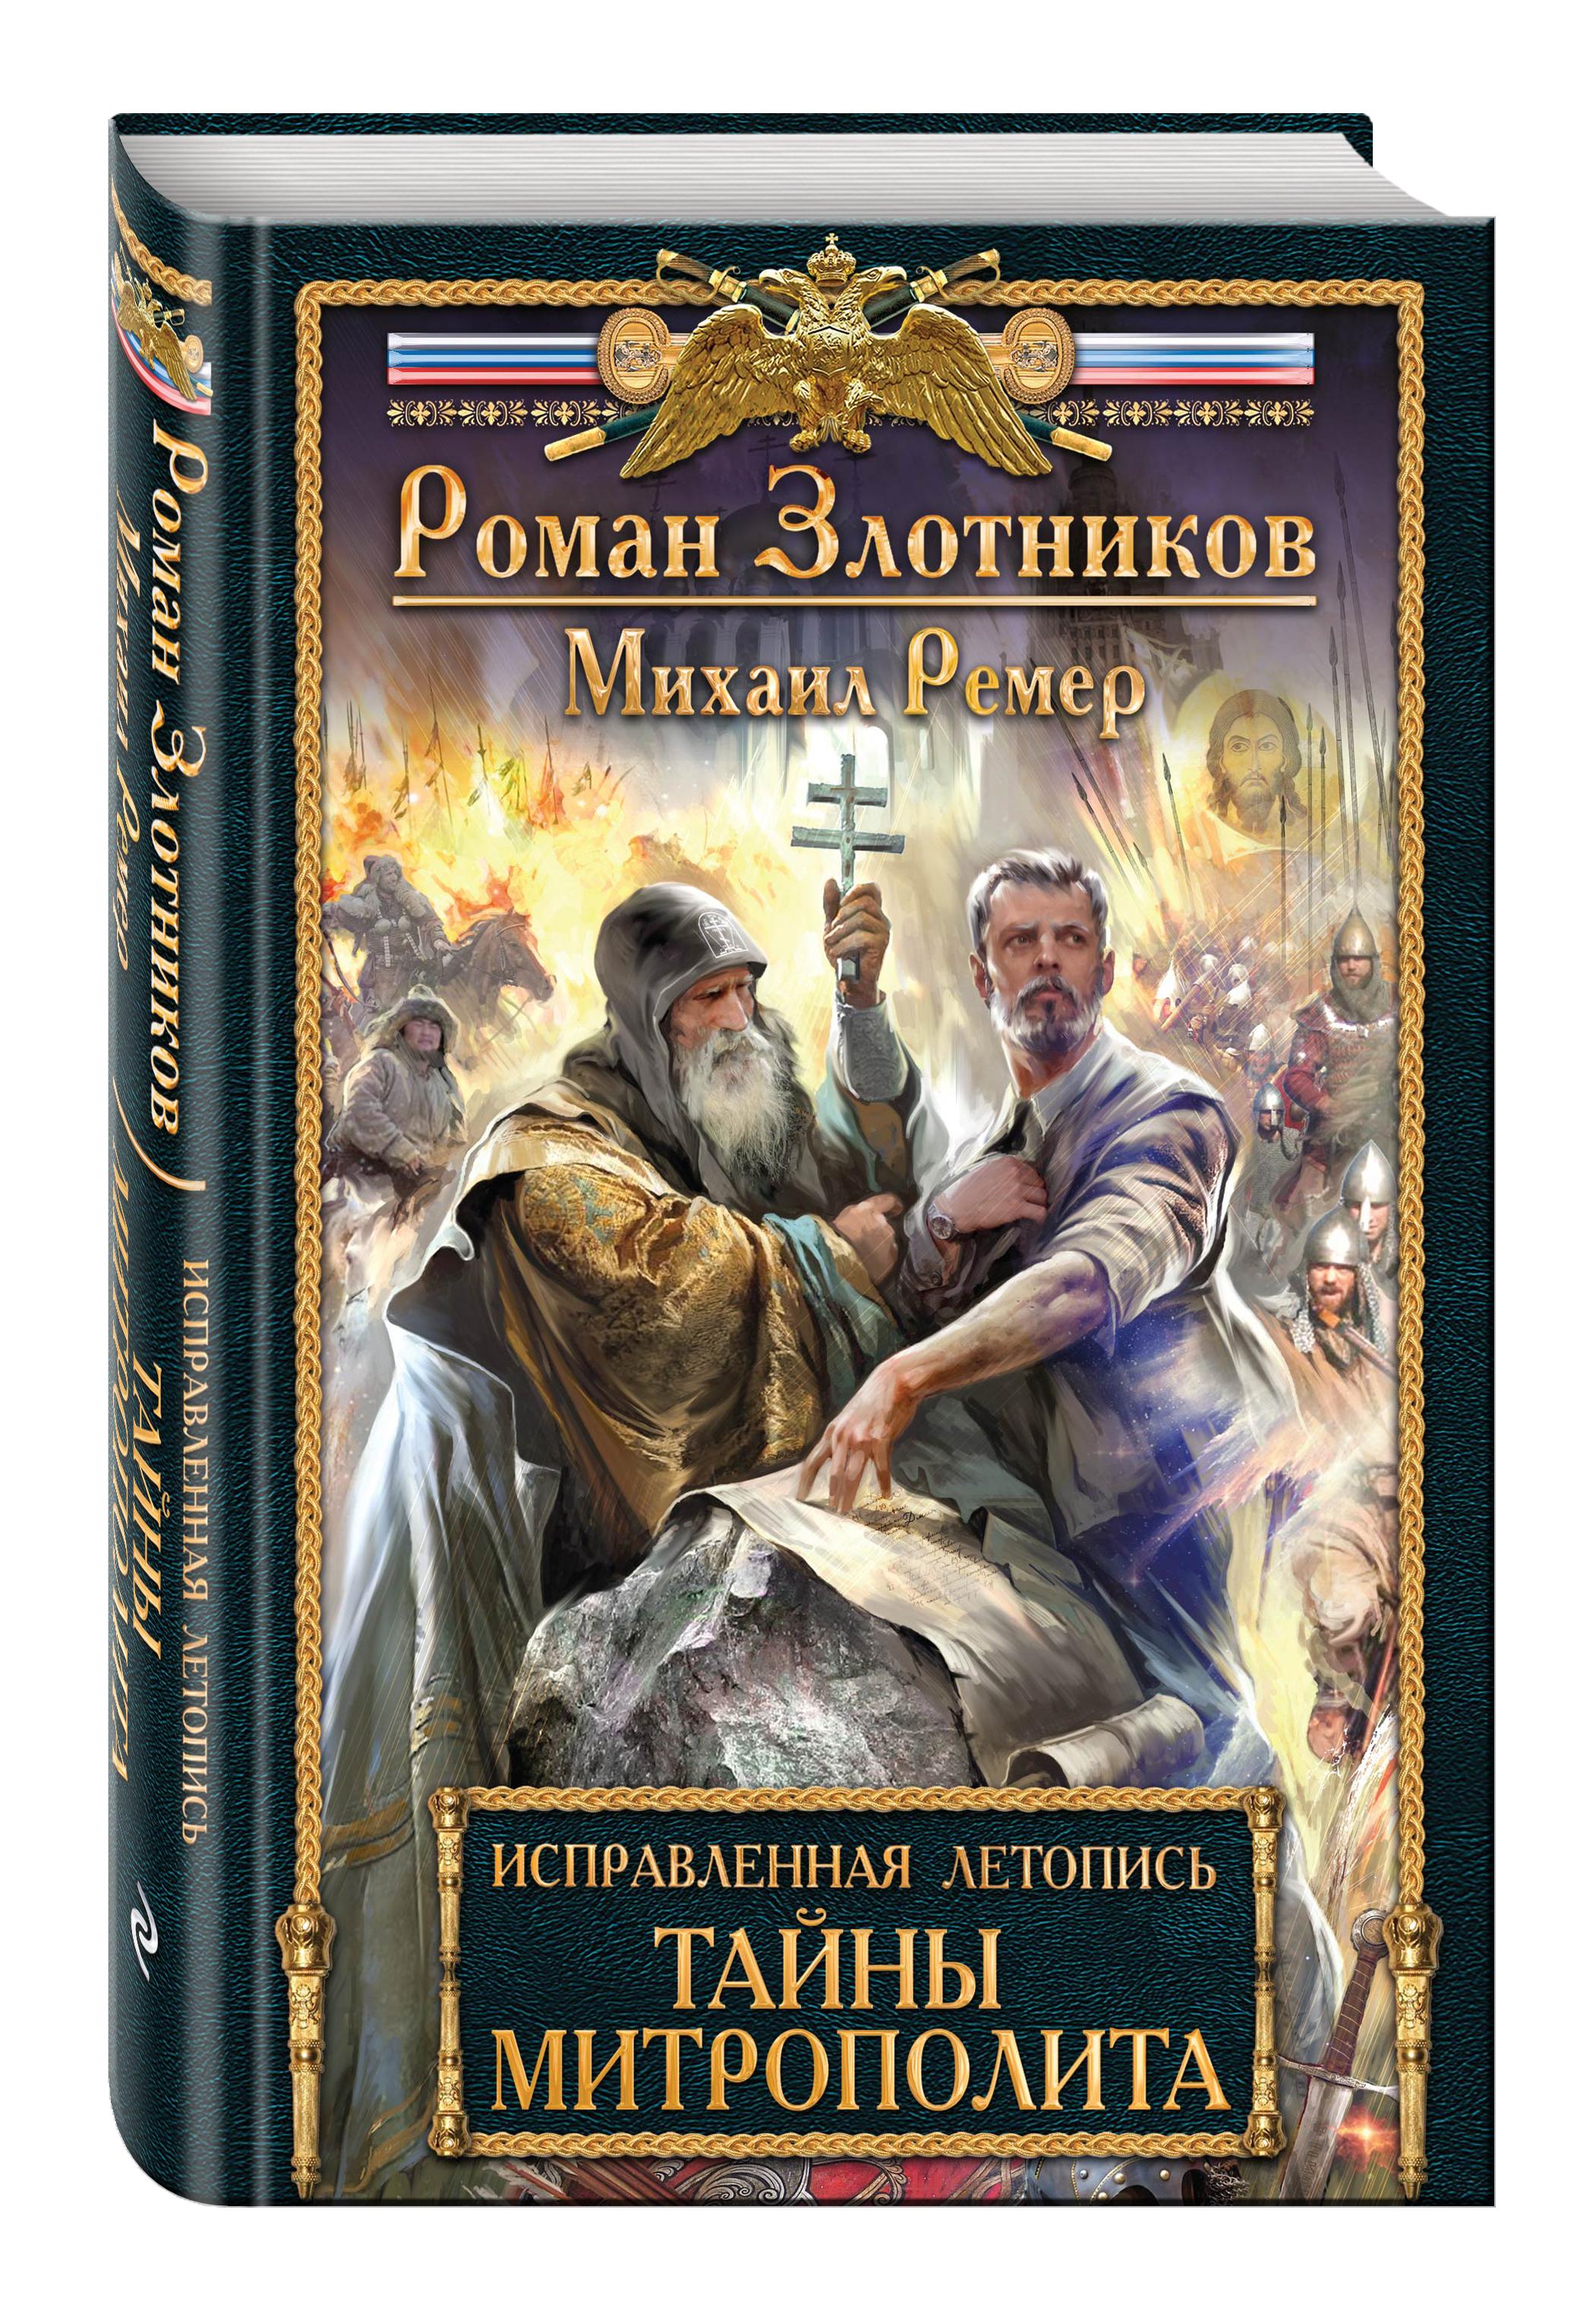 Исправленная летопись. Книга вторая. Тайны митрополита